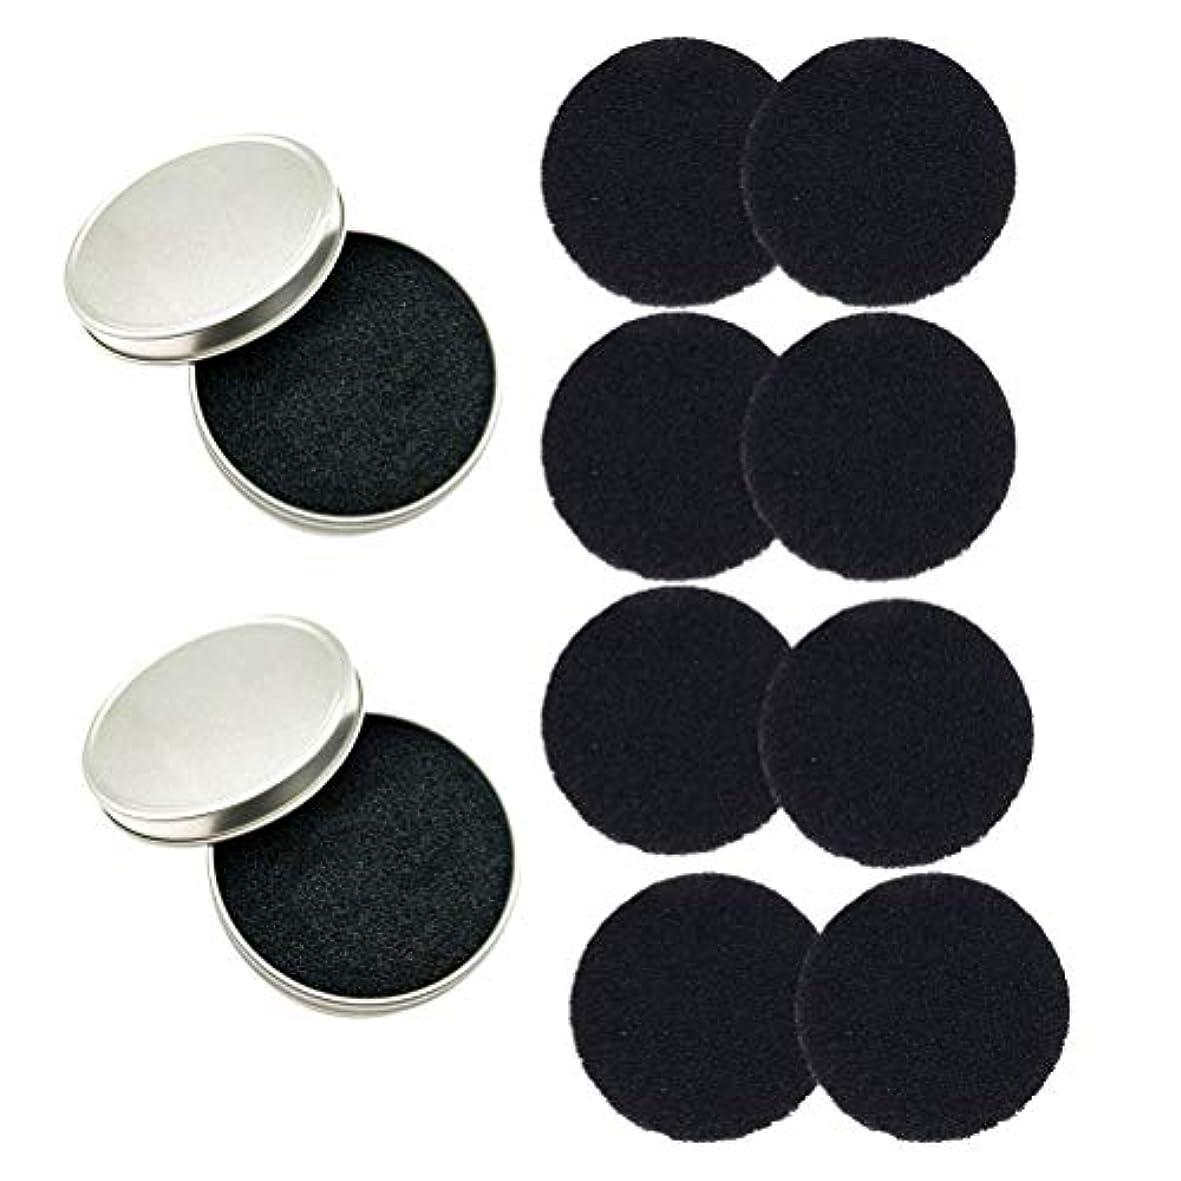 バンケット侵略広範囲Frcolor メイクブラシ クリーナー ブラッシュブラシ ドライクリーニングスポンジ 化粧品ケース(クリーンボックス、シングルスポンジ×2、黒スポンジ×10)